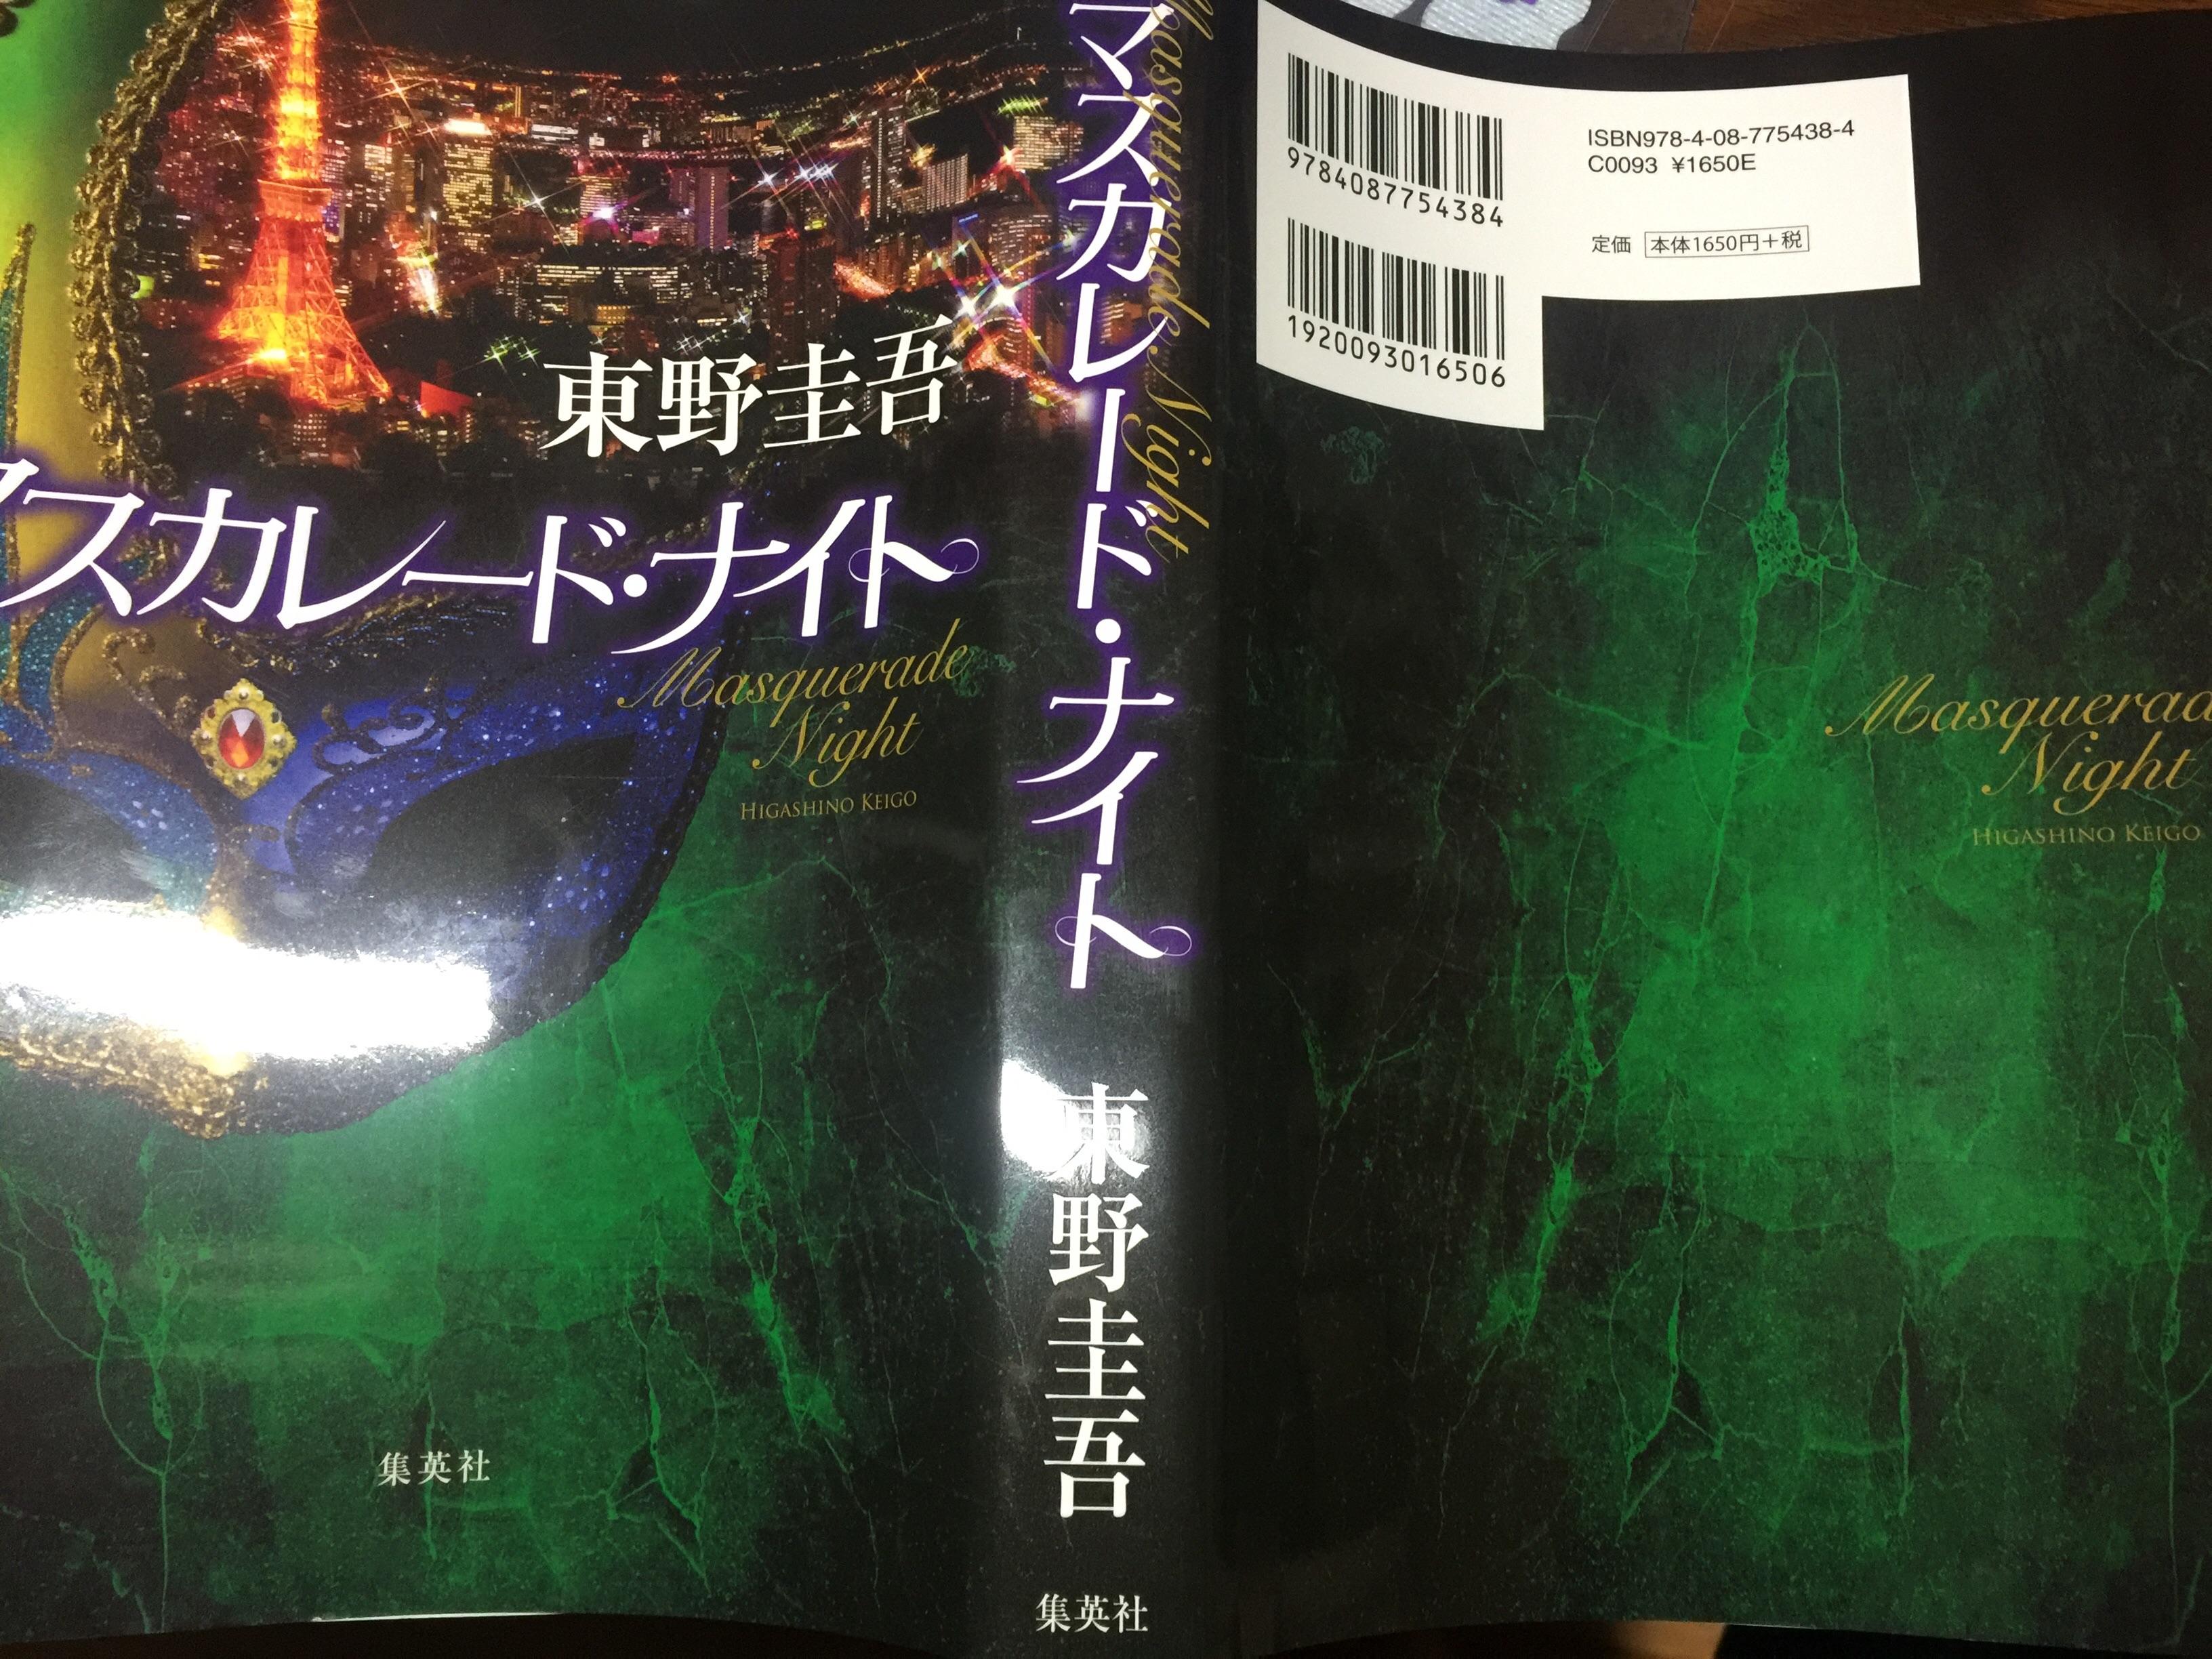 東野圭吾 『マスカレードナイト』 感想 ブックデザイン